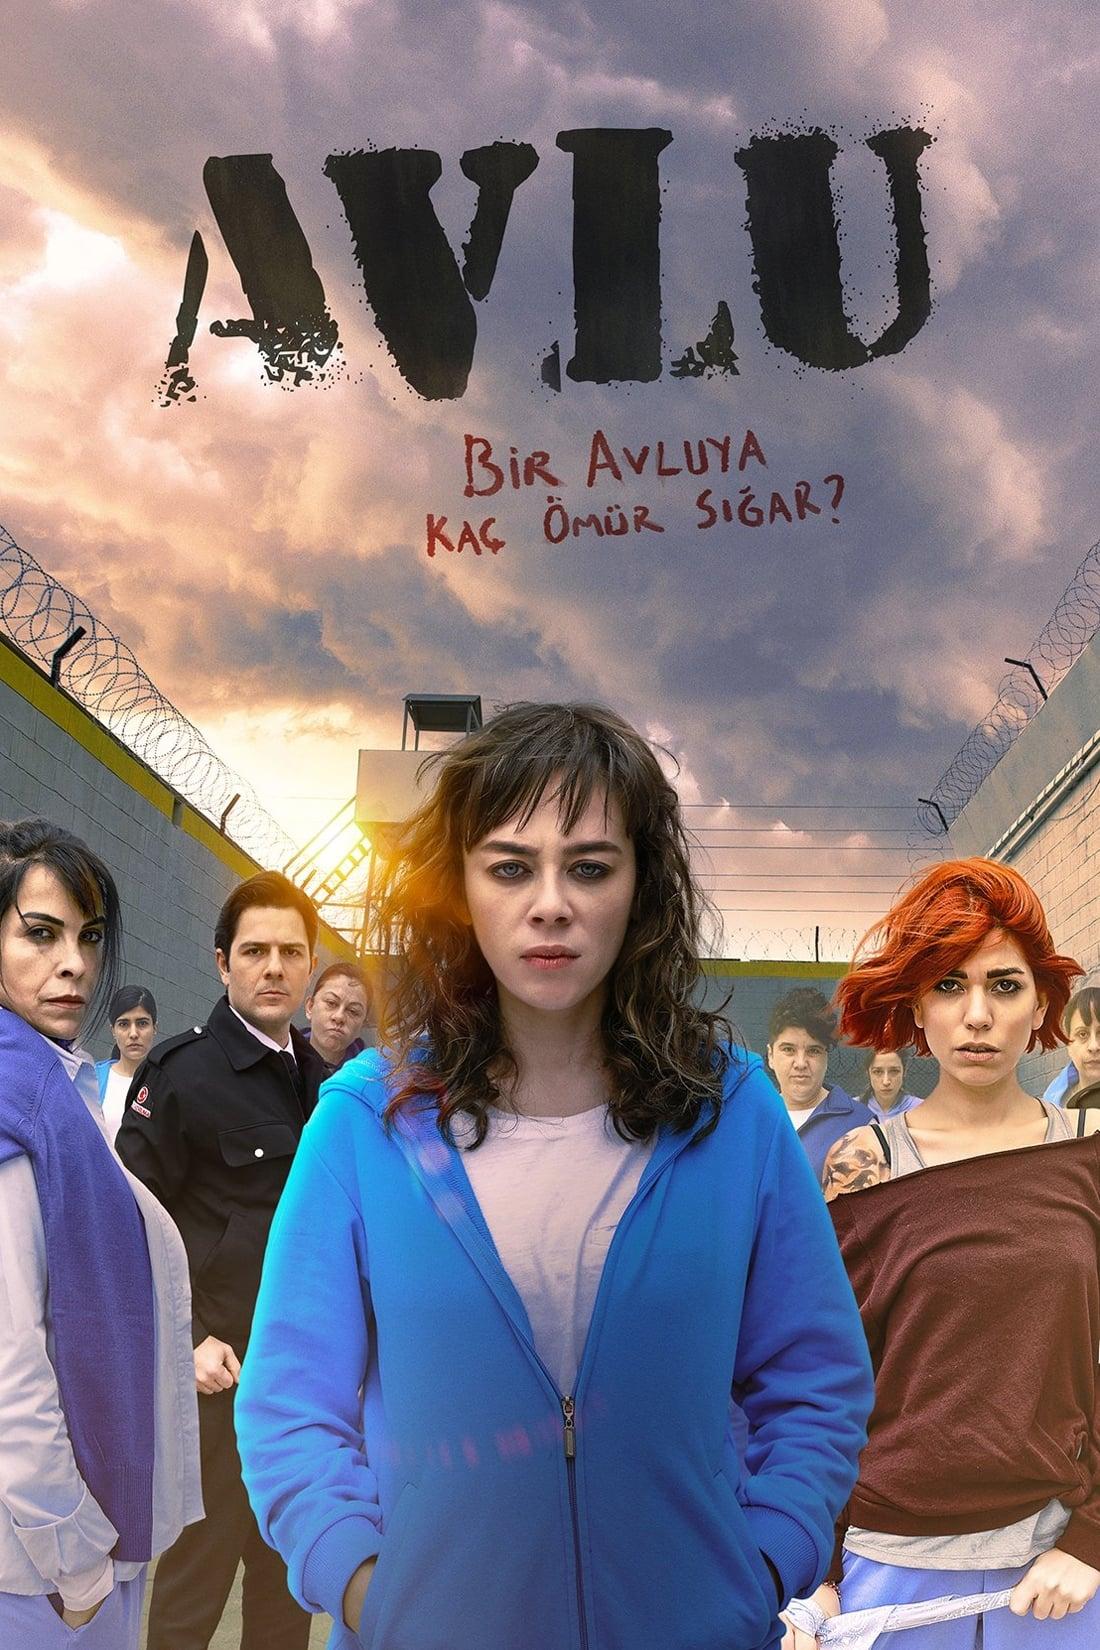 Avlu Poster